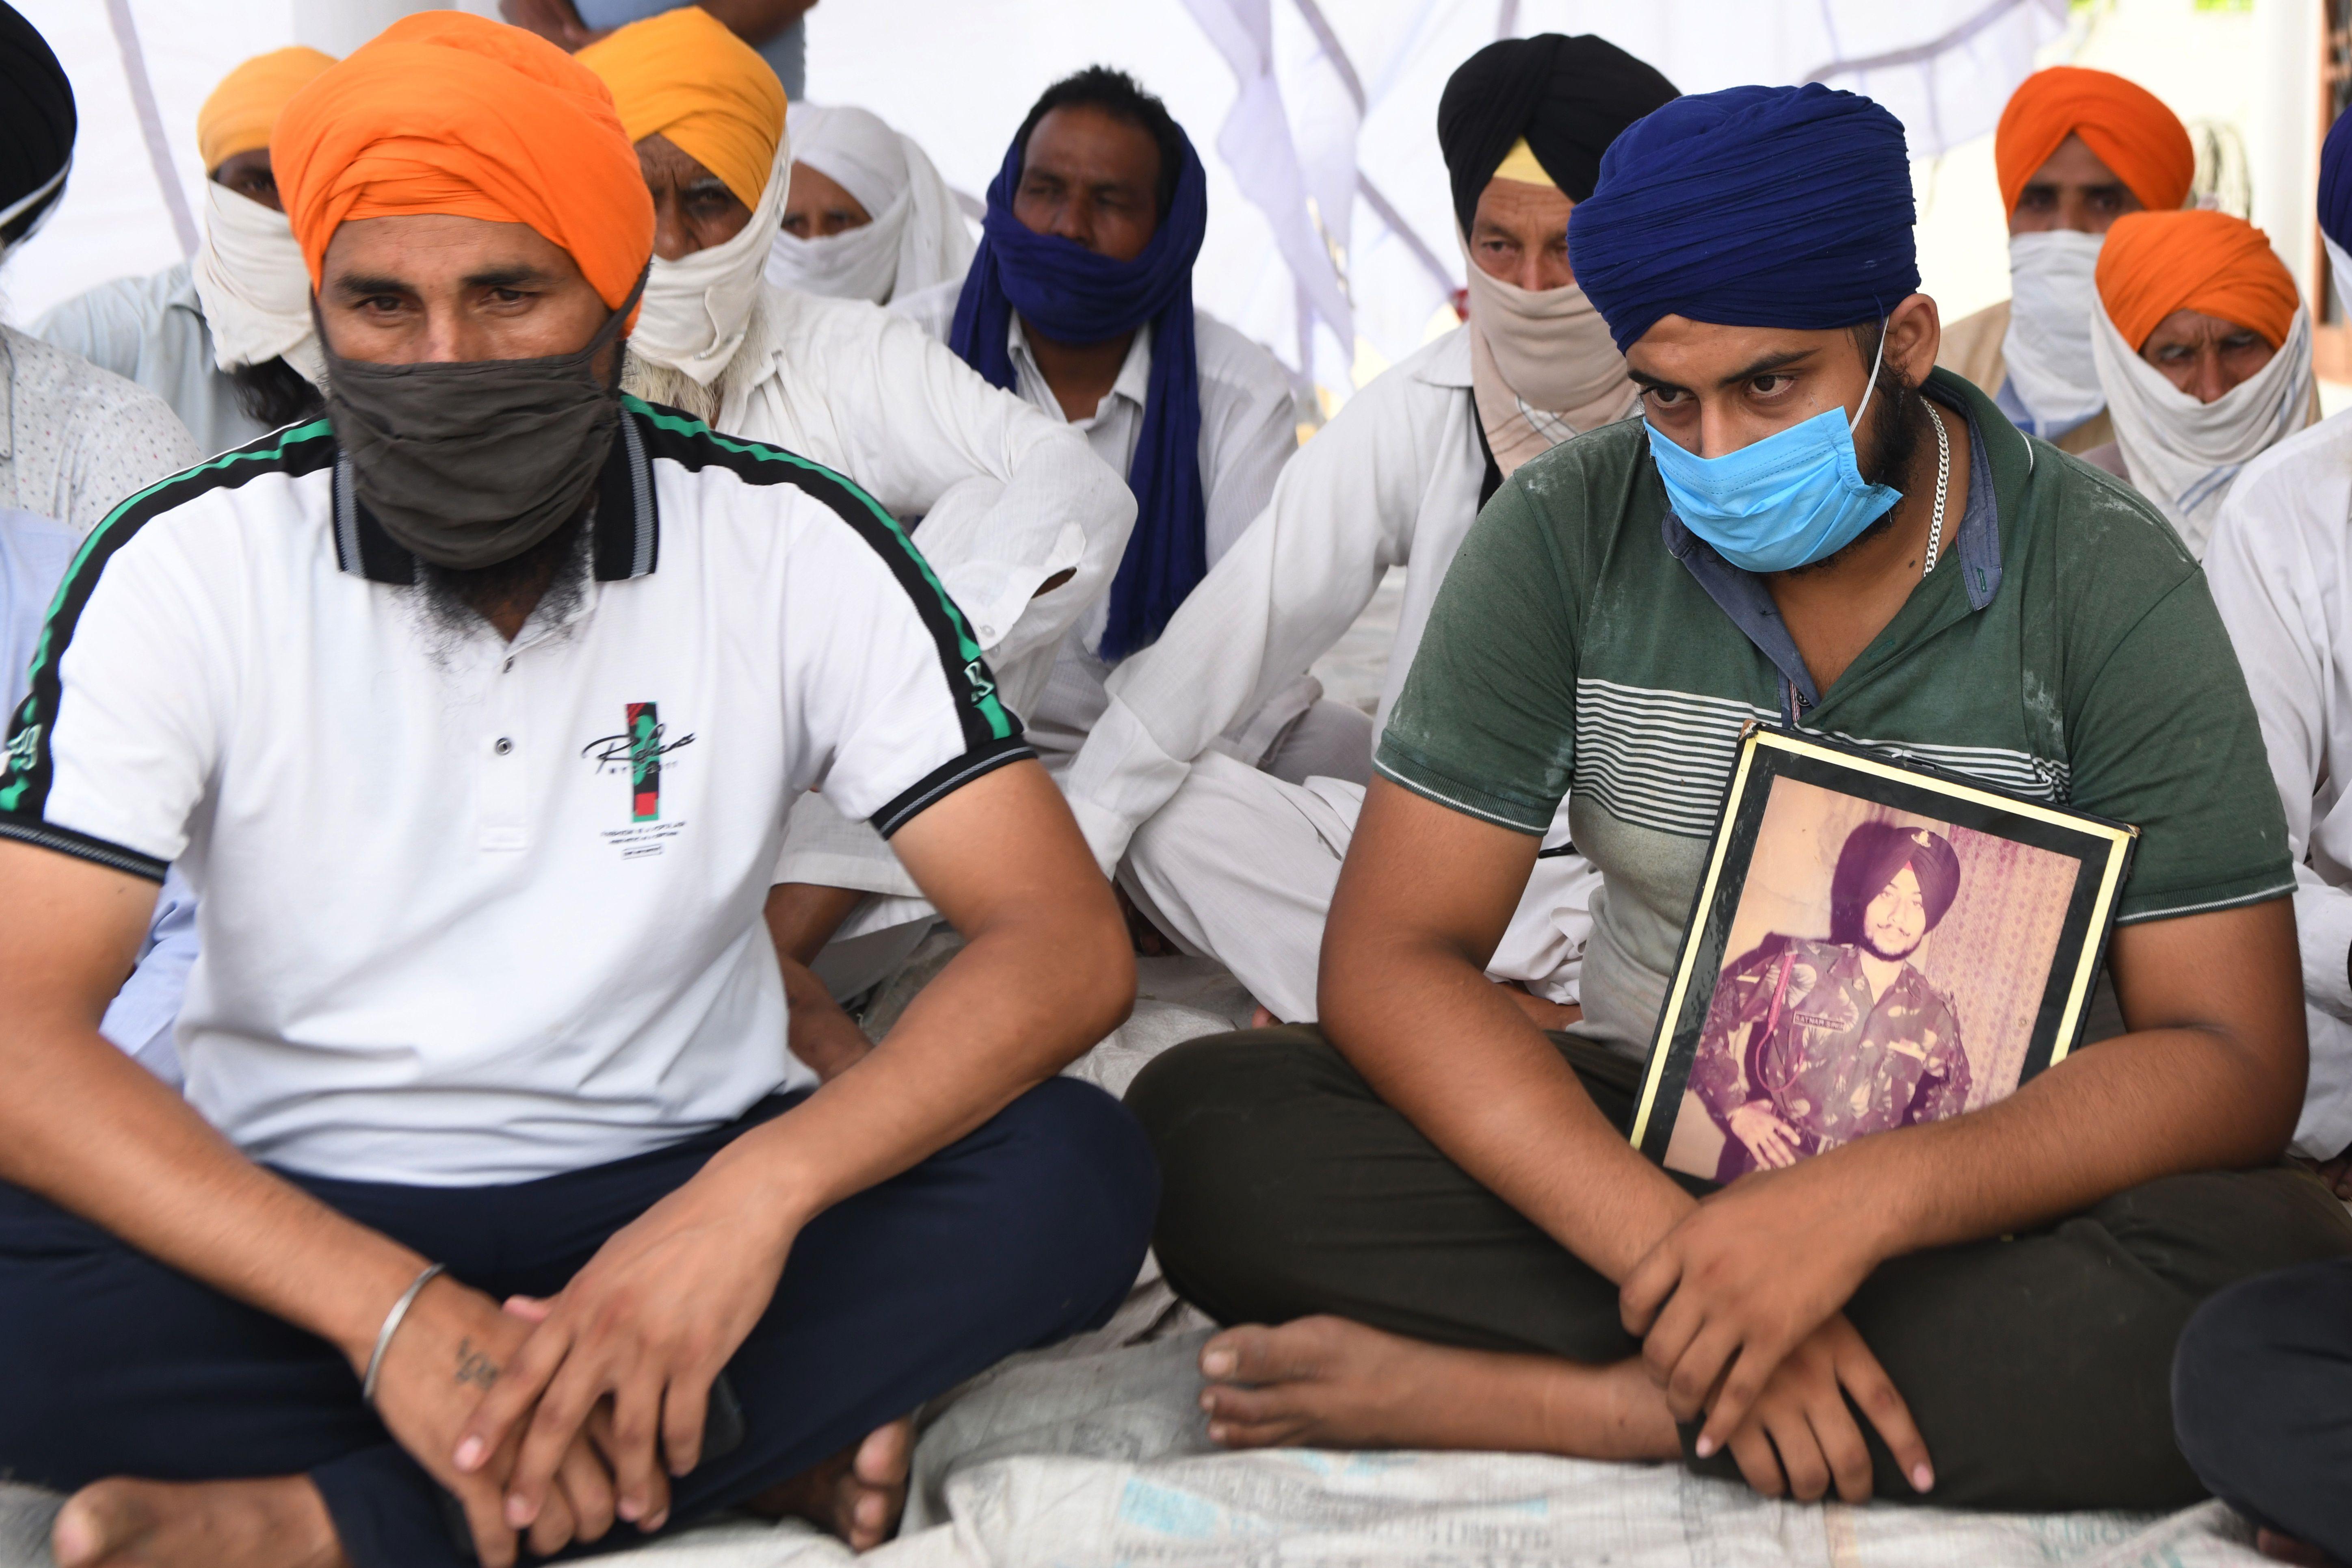 中印邊境衝突 軍二代稱中方二死三傷